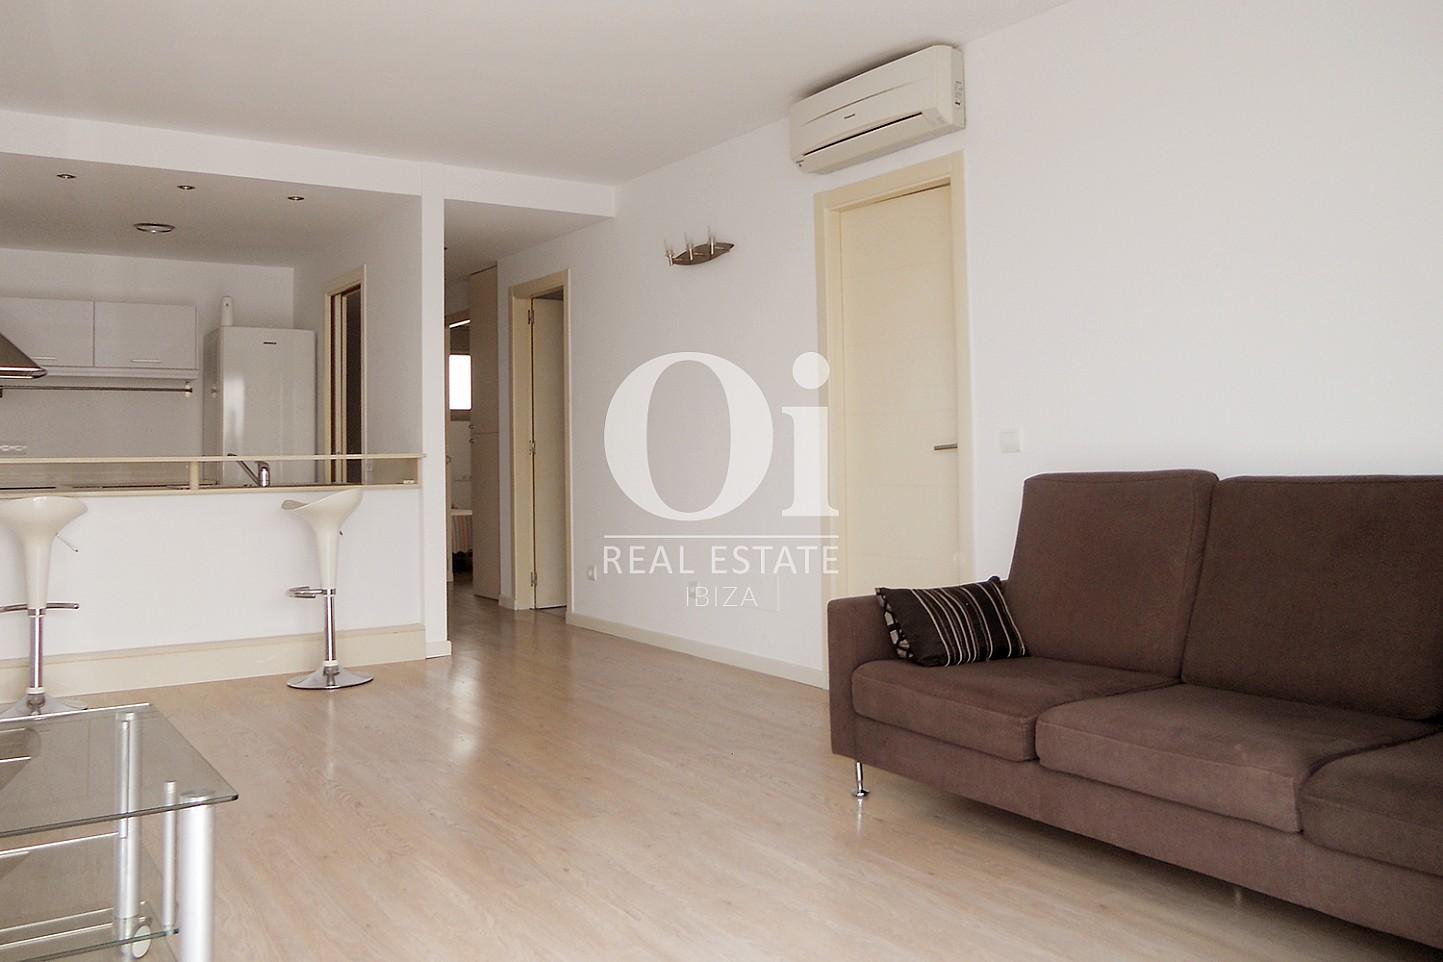 Salón de piso en venta en Cala Gració, zona de Sant Antoni, Ibiza